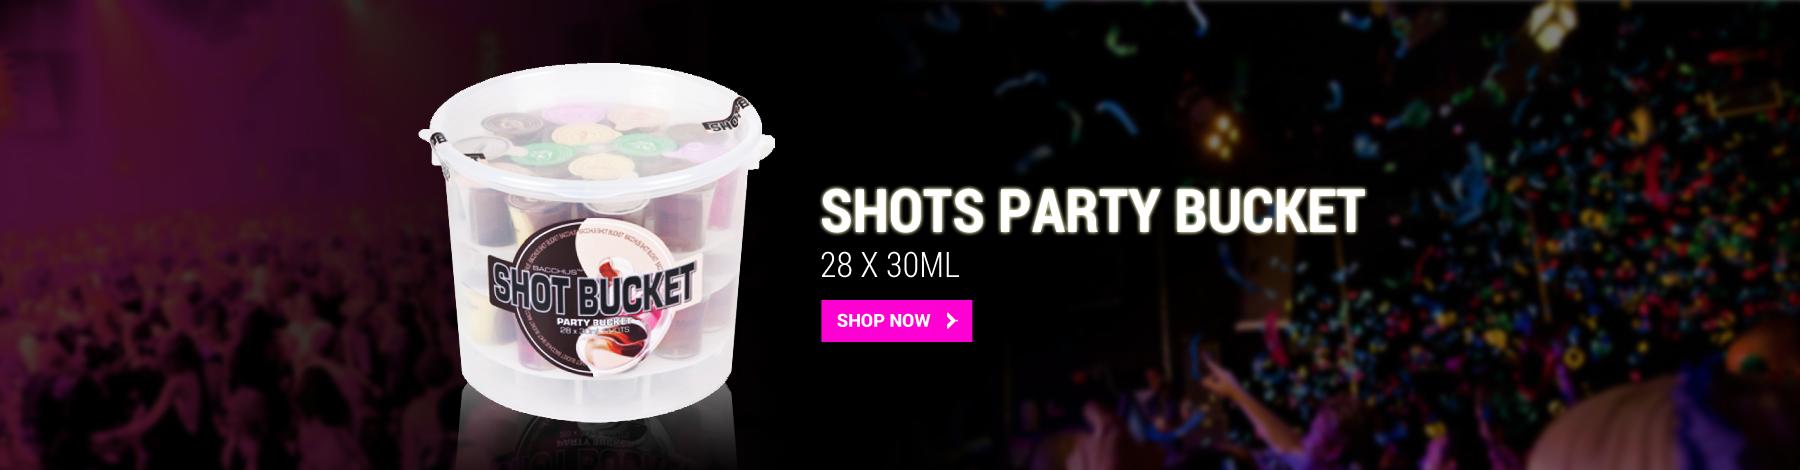 Shout Bucket